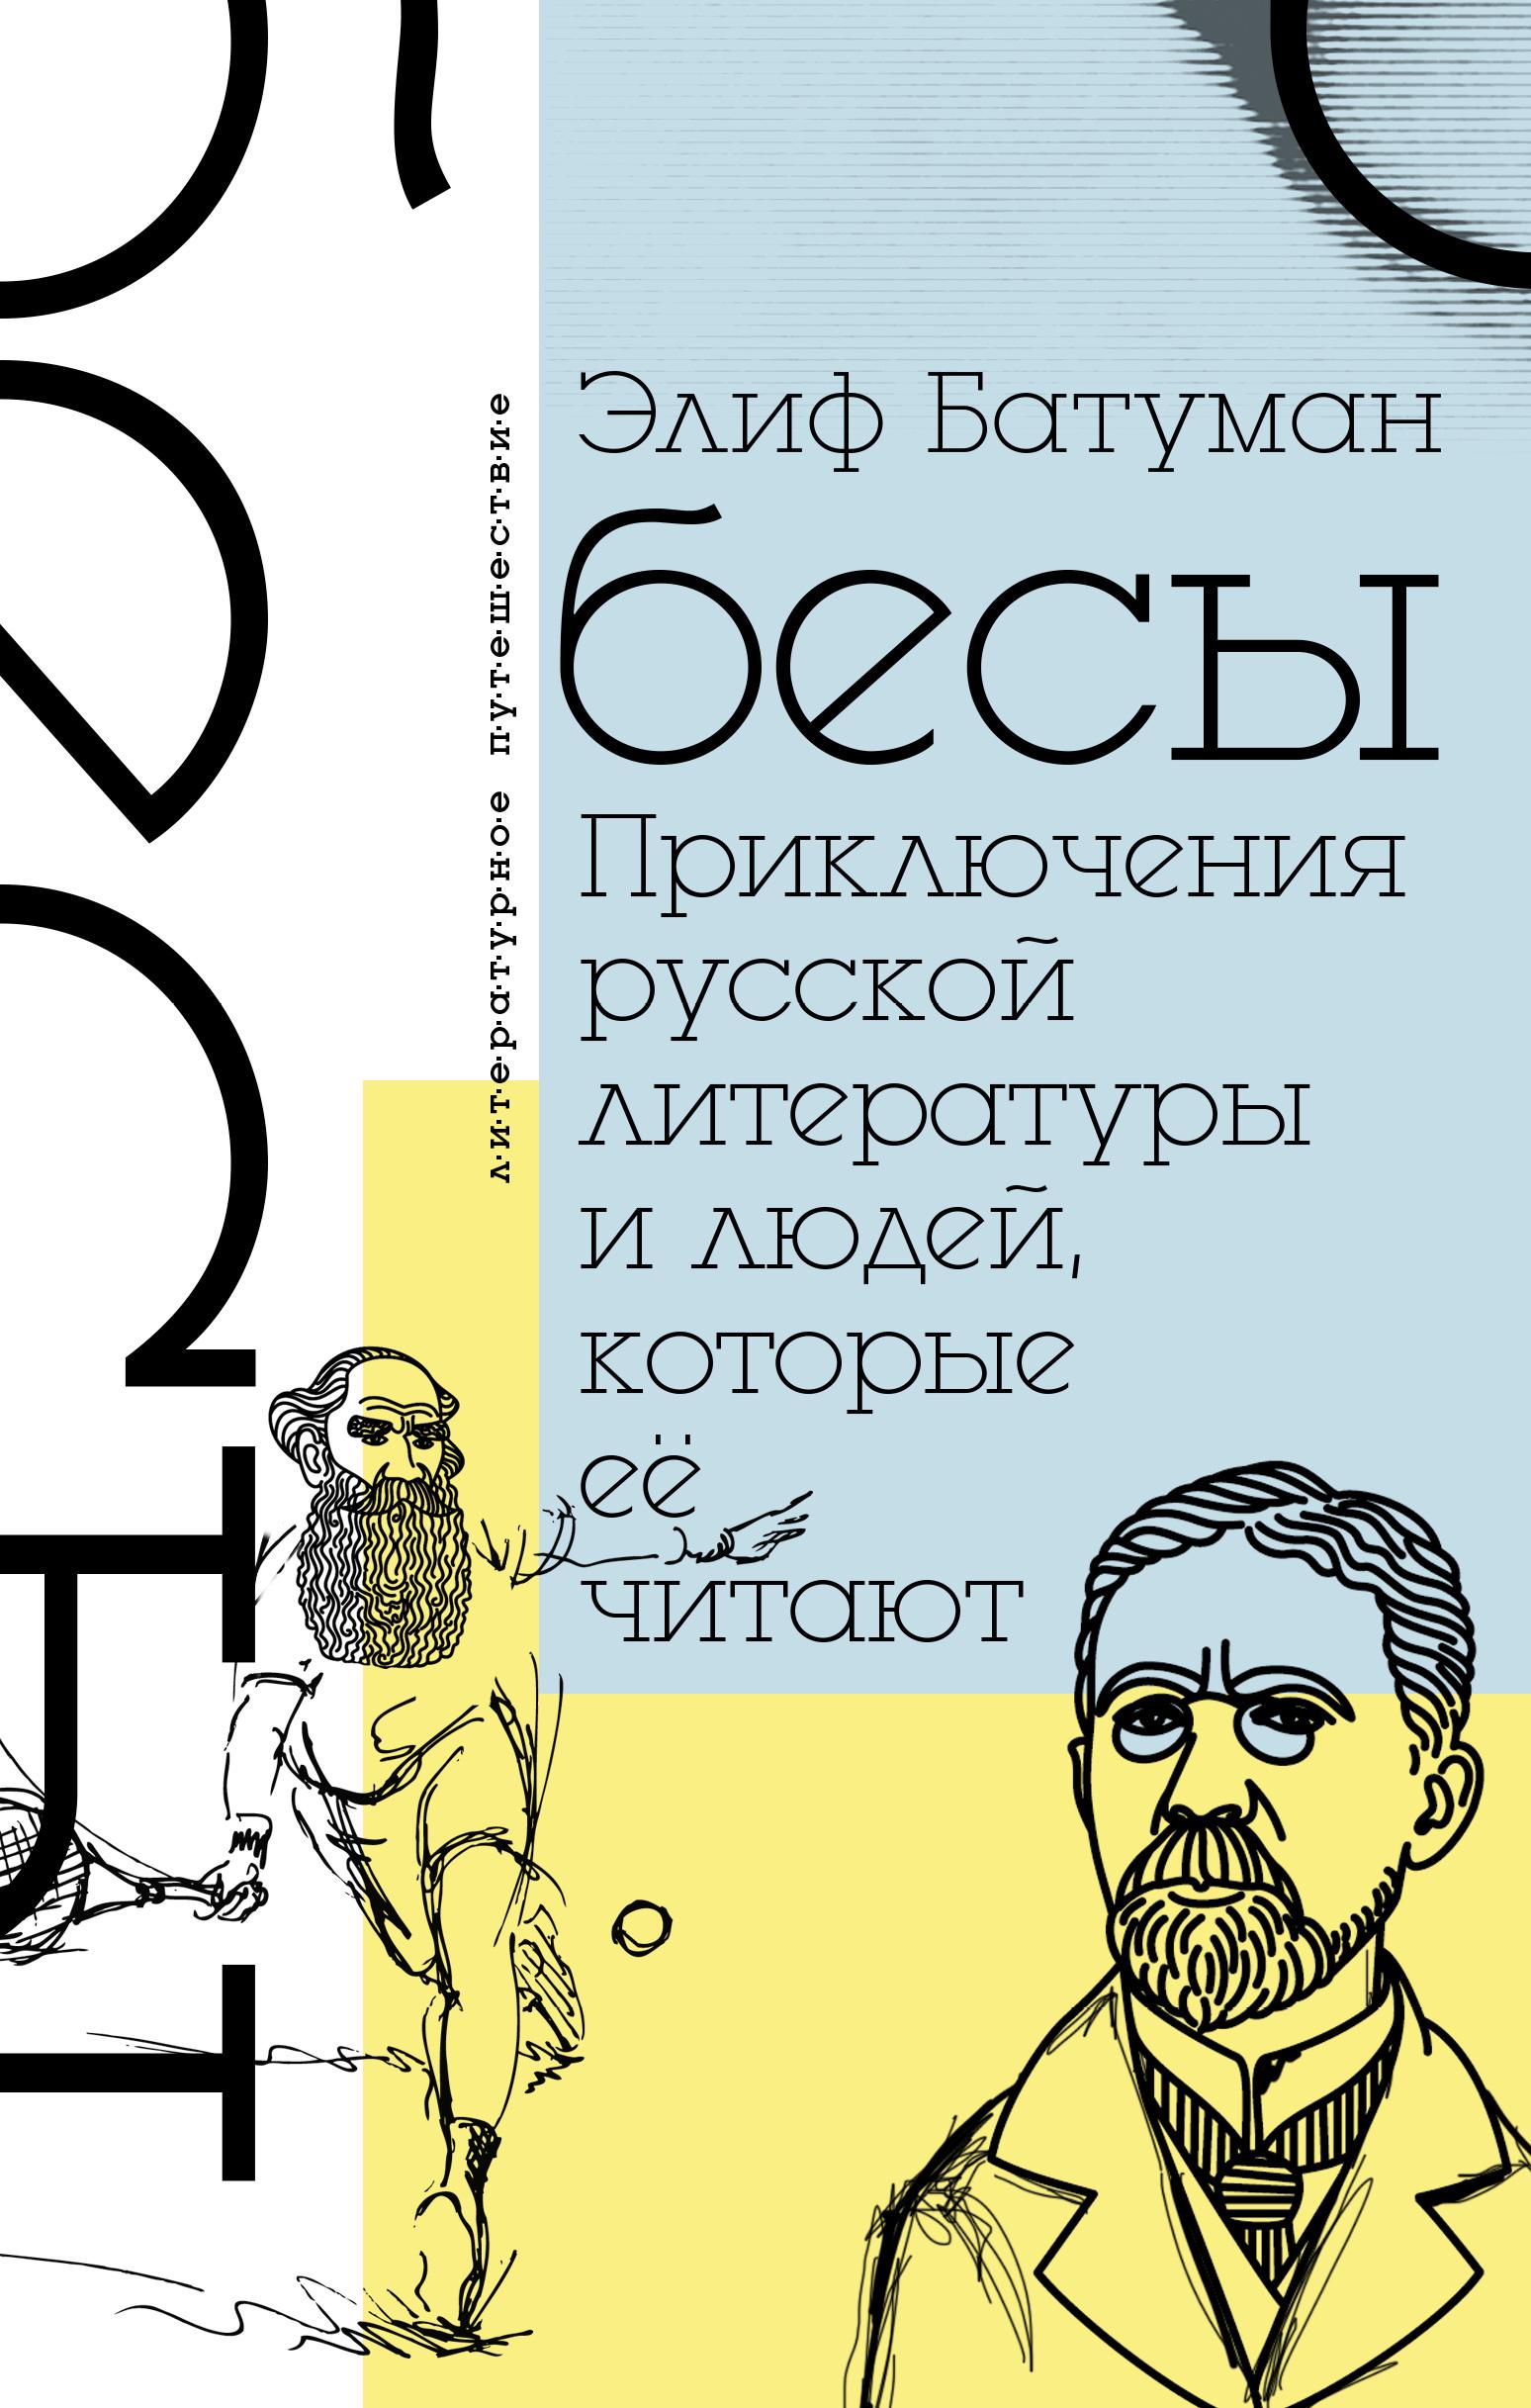 Элиф Батуман Бесы. Приключения русской литературы и людей, которые ее читают